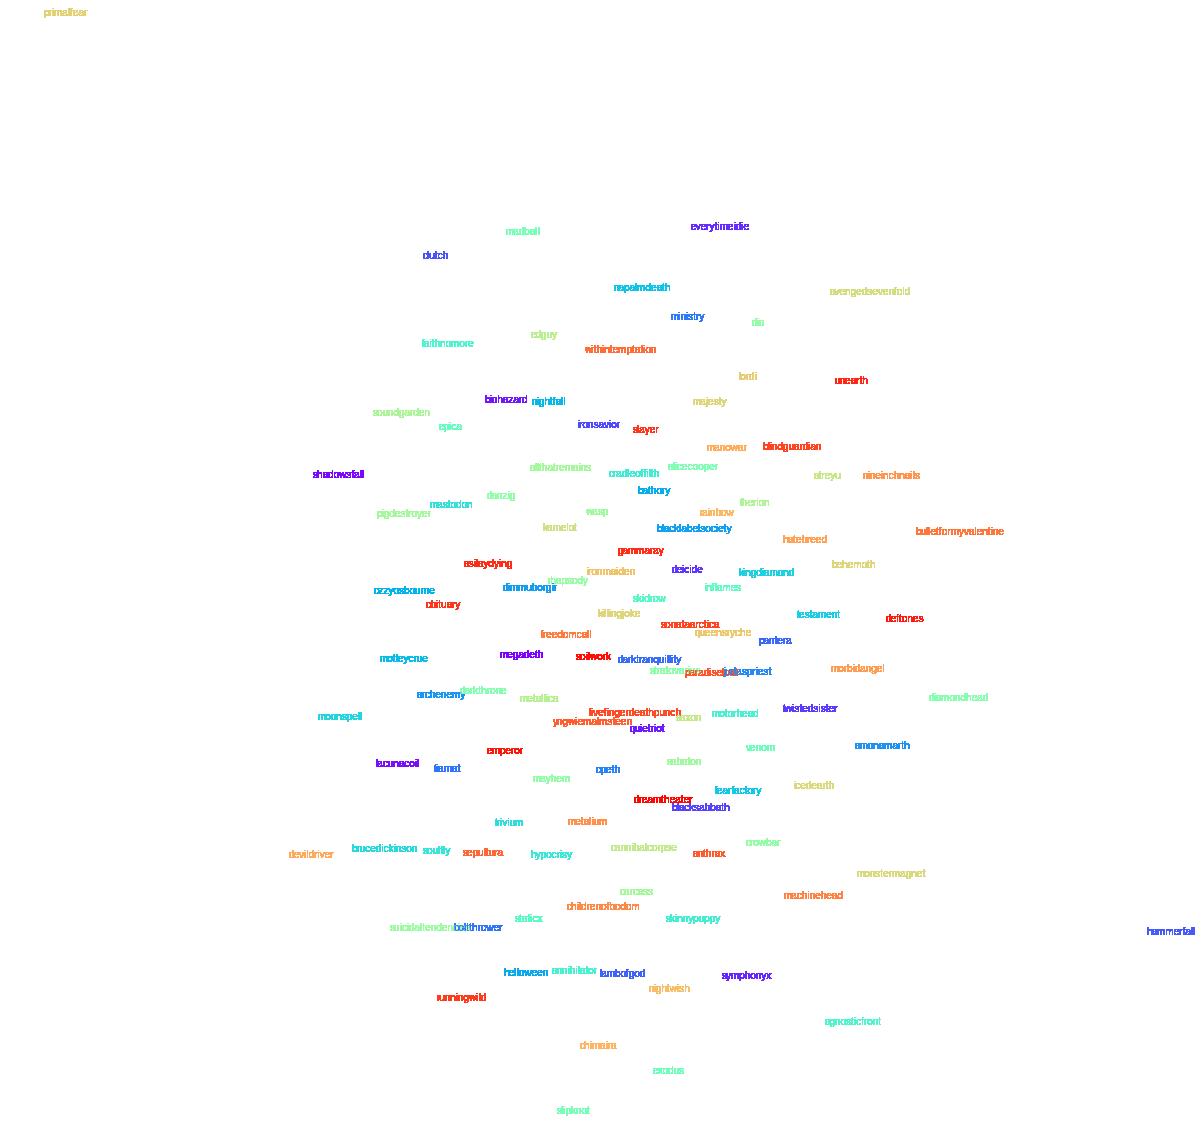 T-SNE representation of band vectors